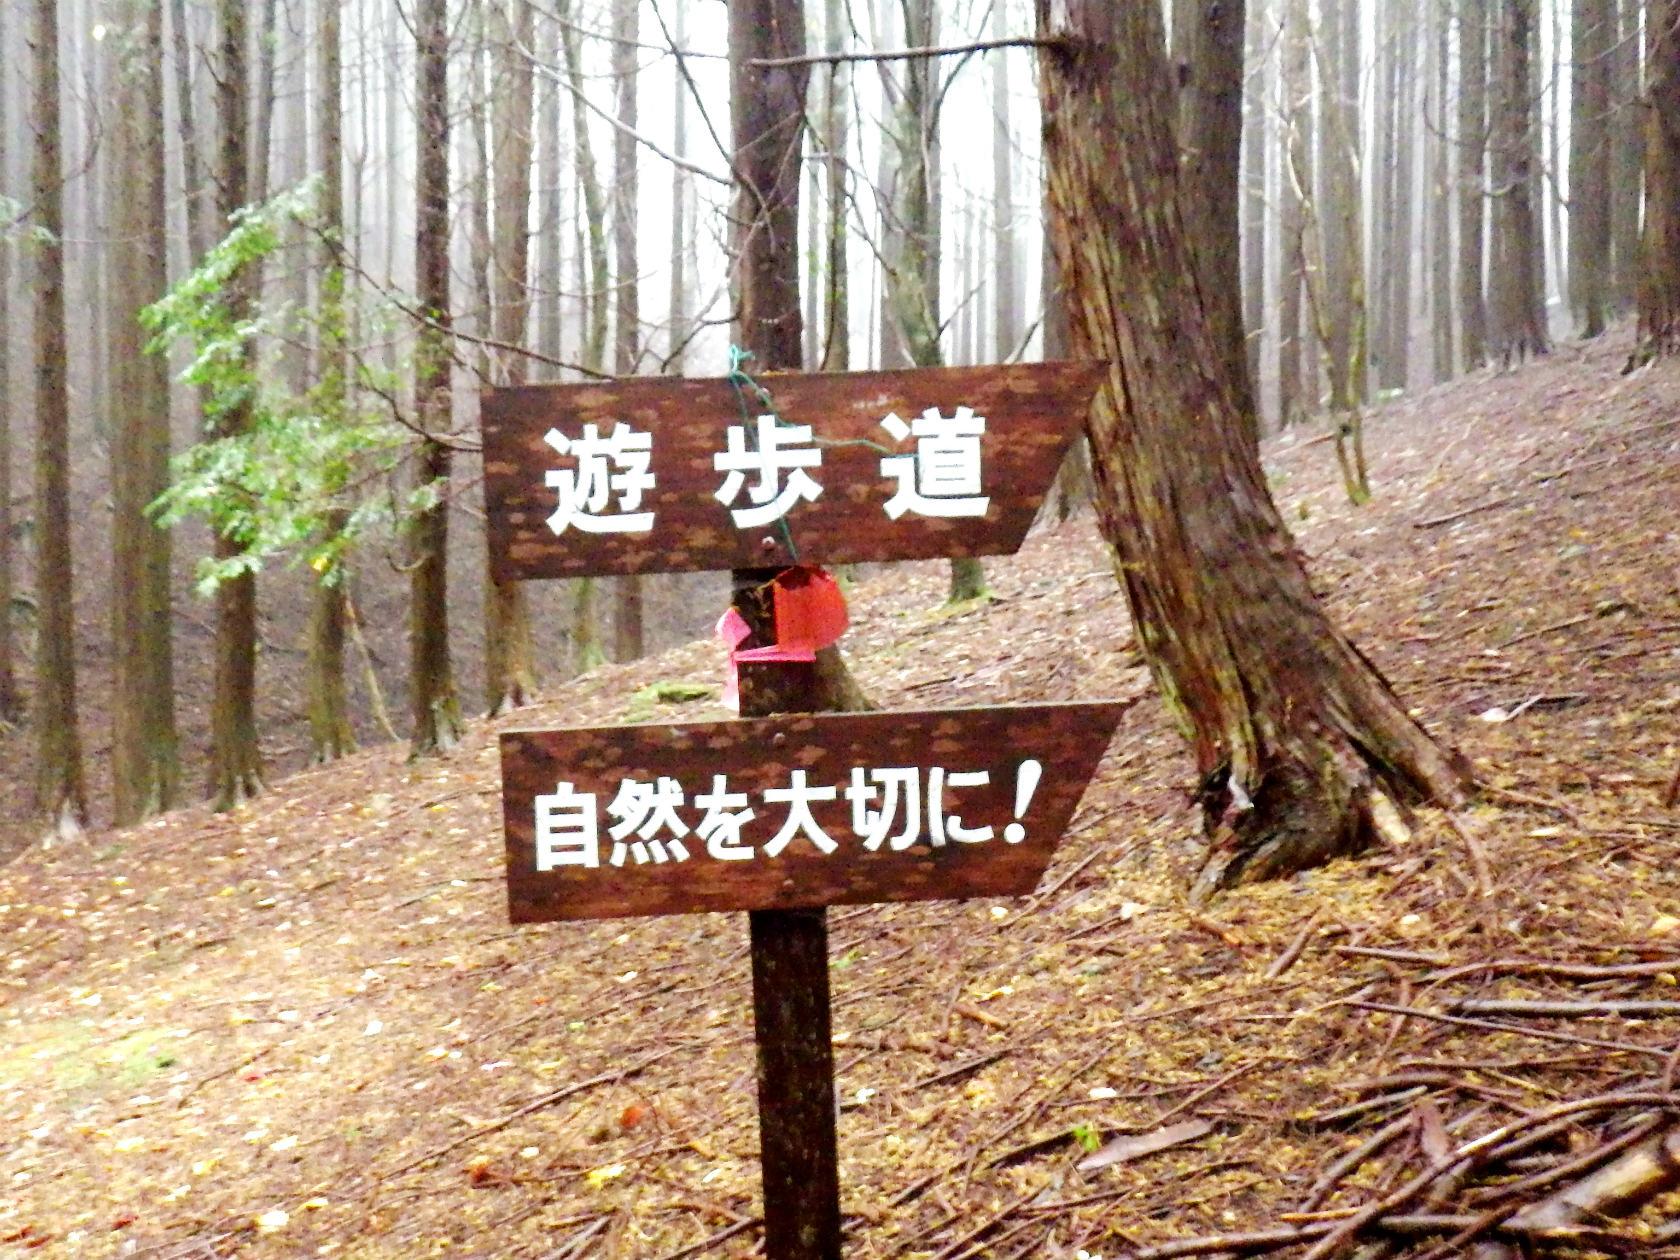 03b 遊歩道の標識